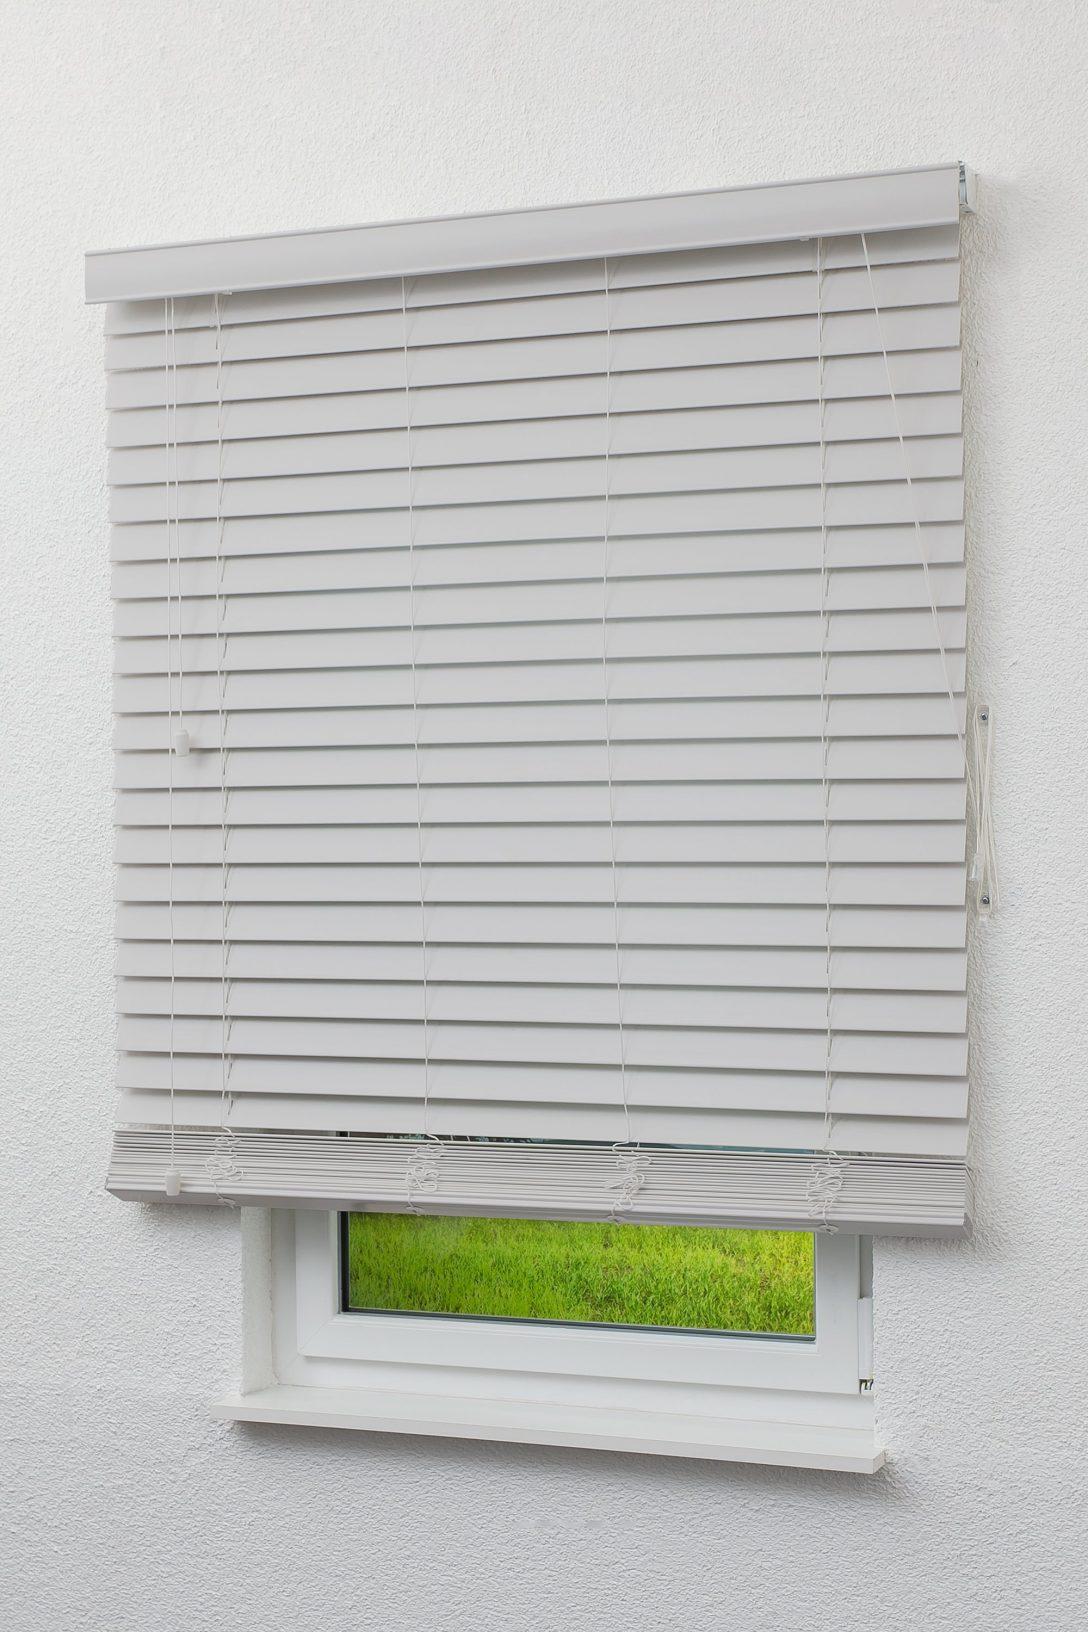 Large Size of Fenster Sonnenschutz Lysel Qualitts Jalousie Pvc Holz Optik 50mm Sichtschutz Bremen Gardinen Sichtschutzfolie Einseitig Durchsichtig Günstige Obi Fliegennetz Fenster Fenster Sonnenschutz